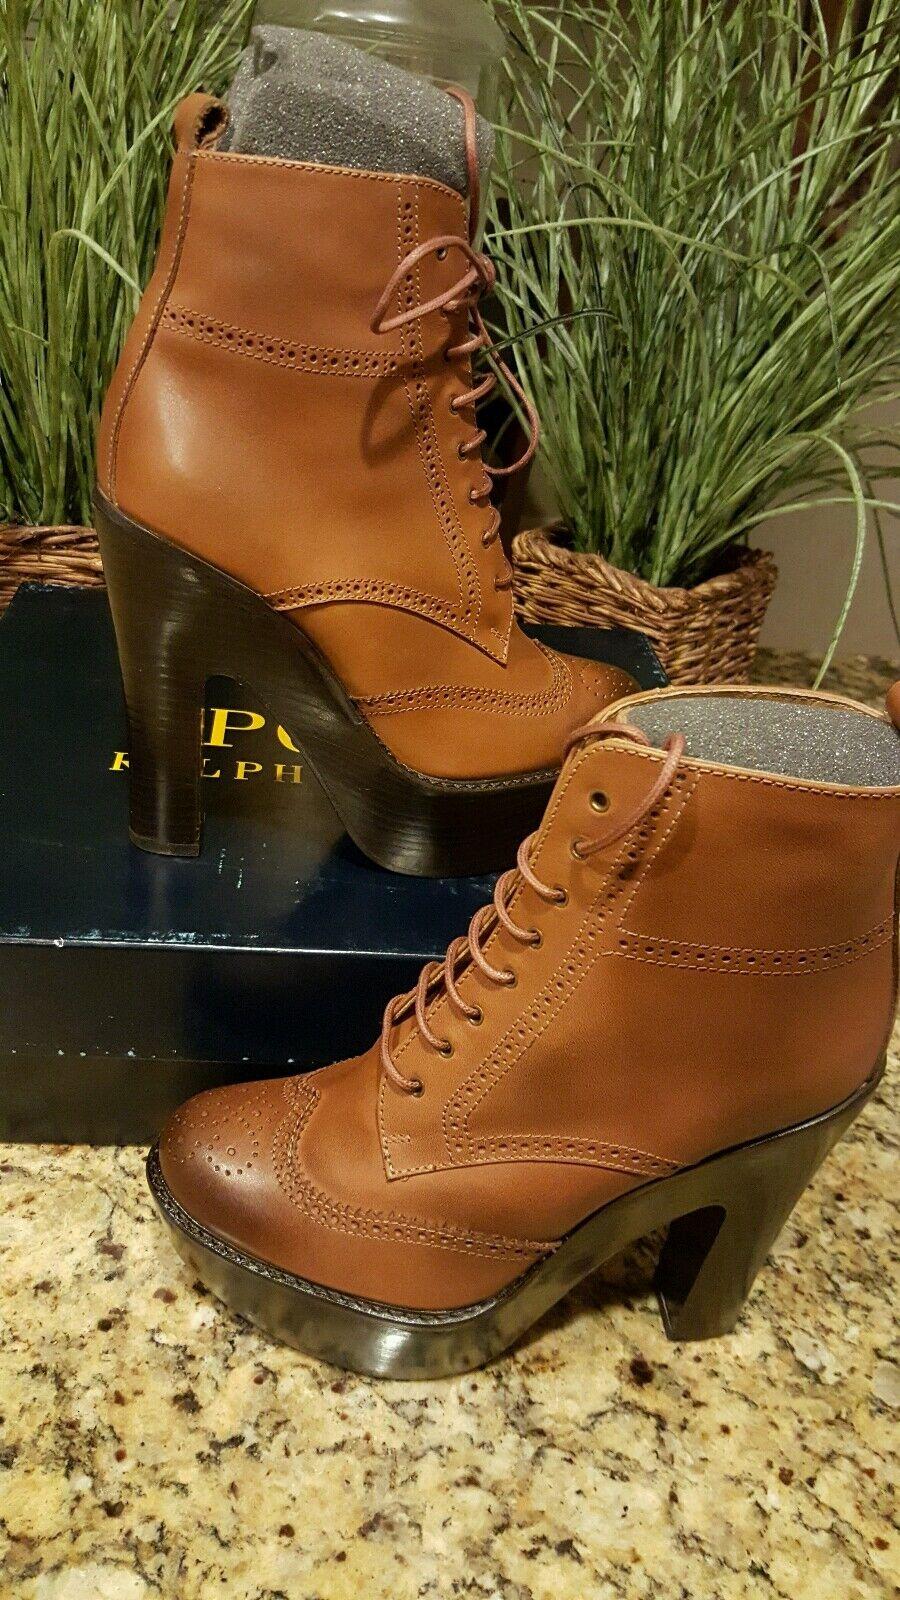 Ralph Lauren Women's Calfskin Leather Breckin Heeled Bootie Size 7.5 THESPOT917